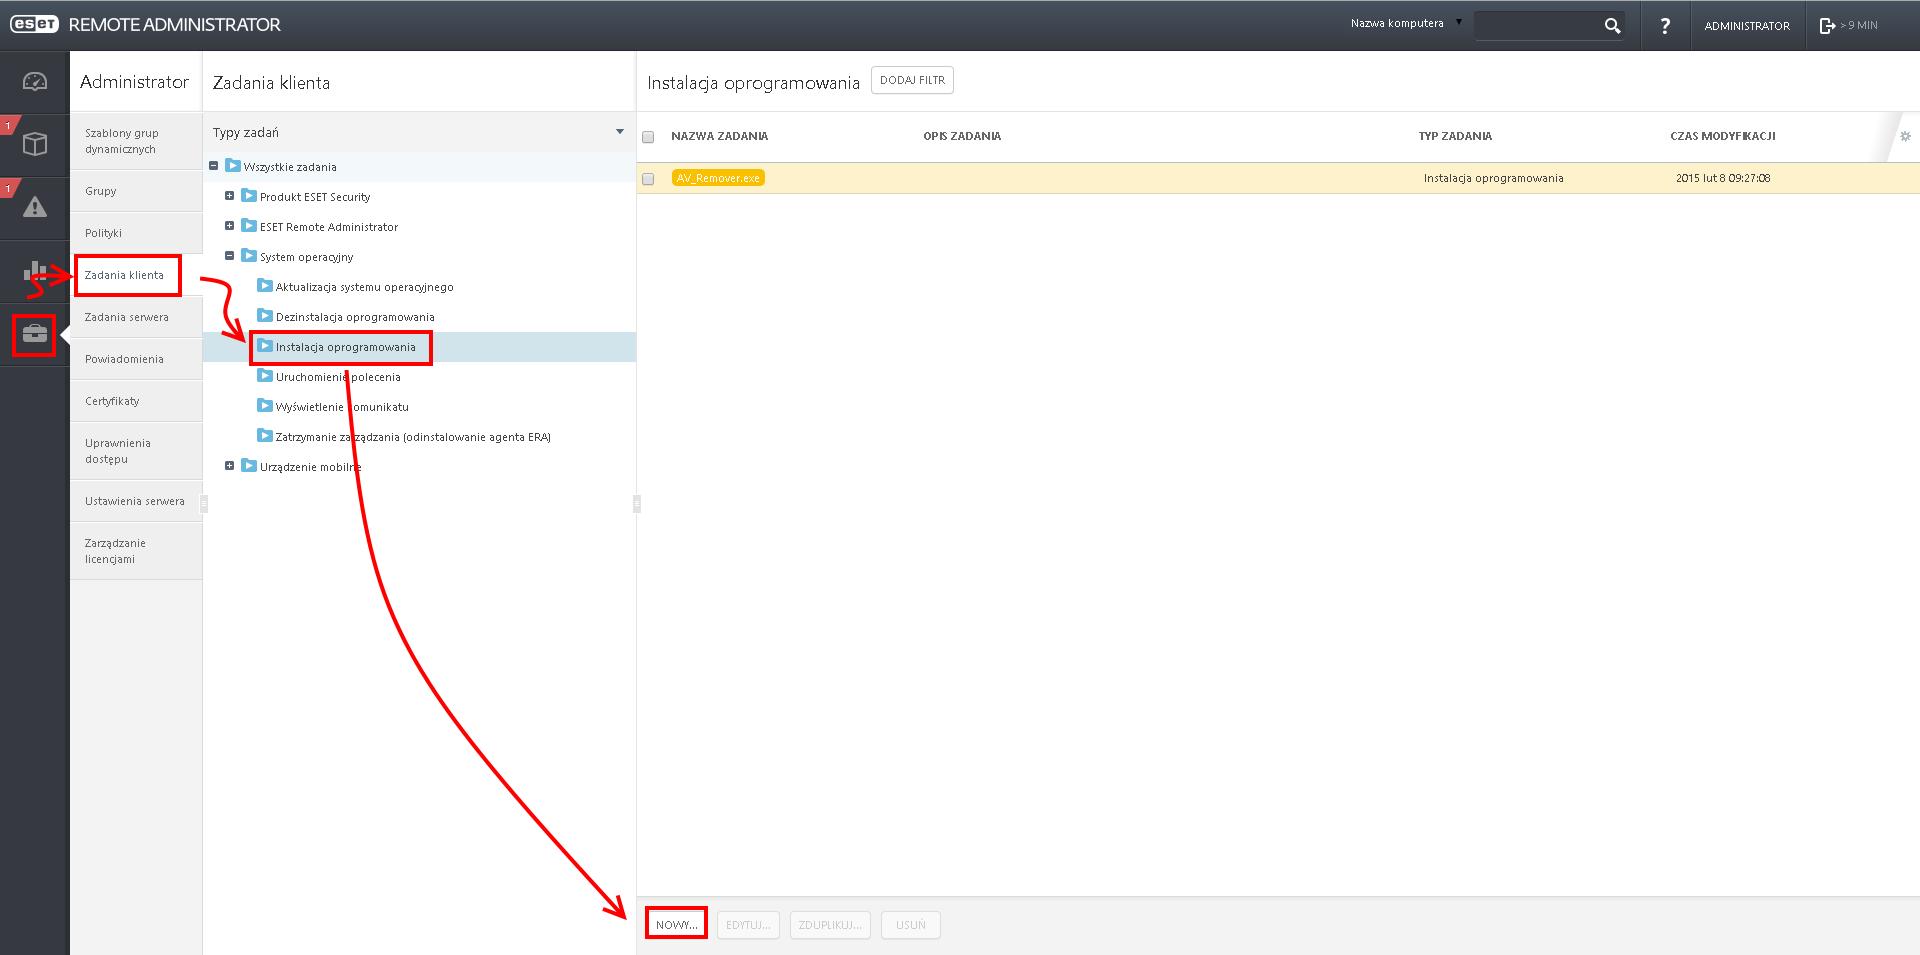 Jak zainstalować ESET Endpoint Security lub ESET Endpoint Antivirus przez konsolę administracyjną?